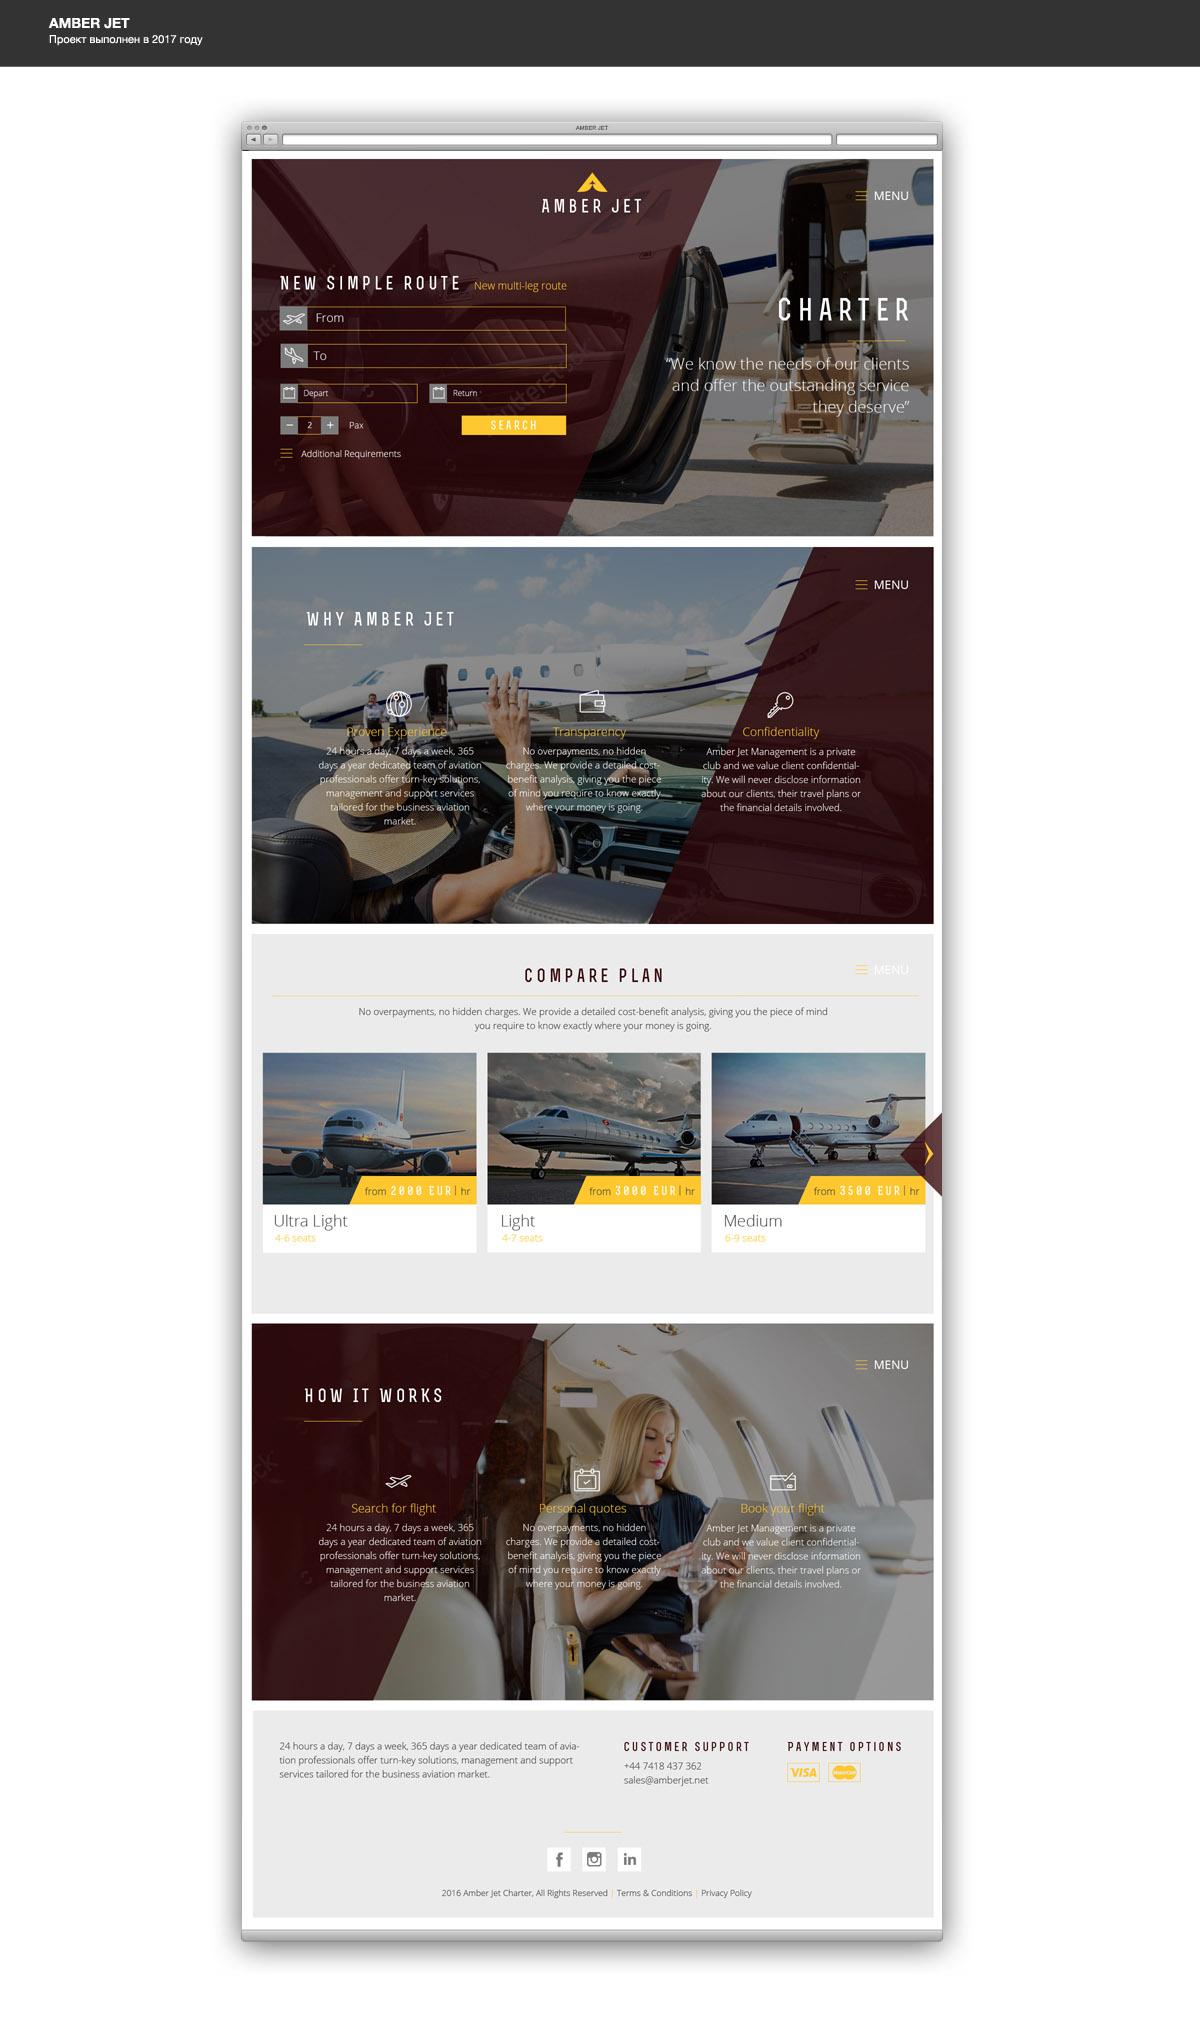 Ambet Jet, авиакомпания, бронирование, авиабилеты